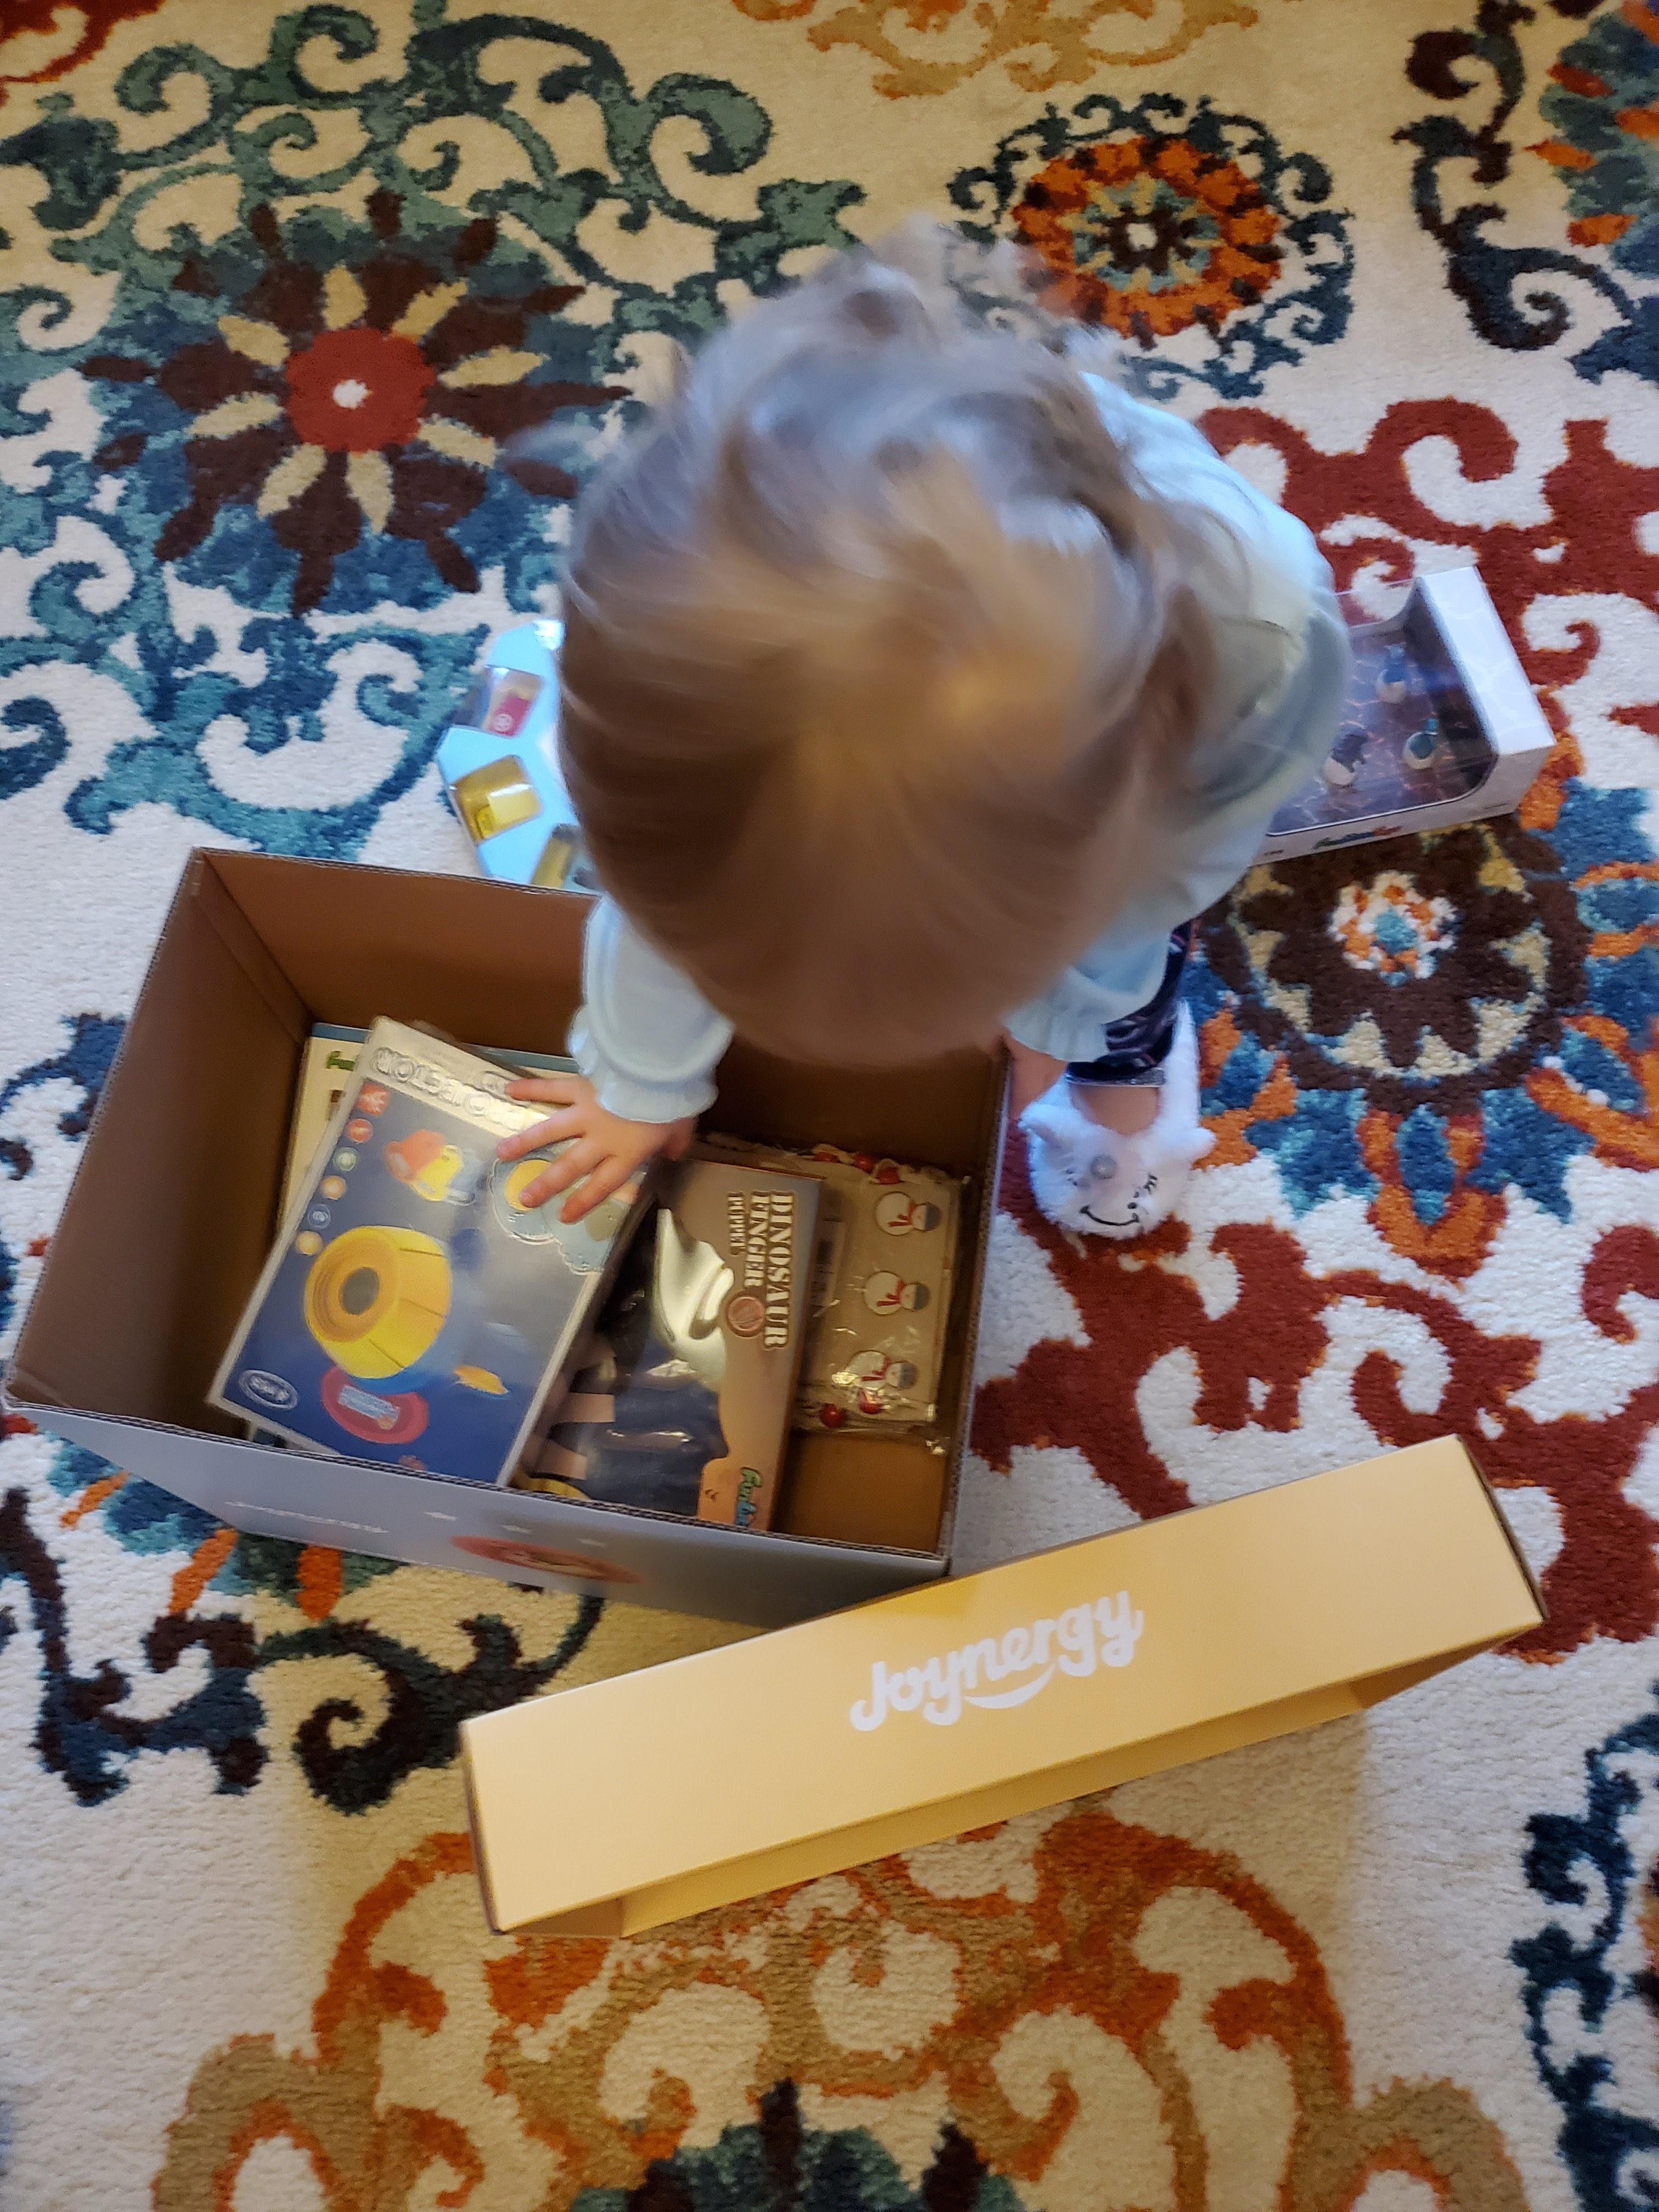 Joynergy Subscription Box